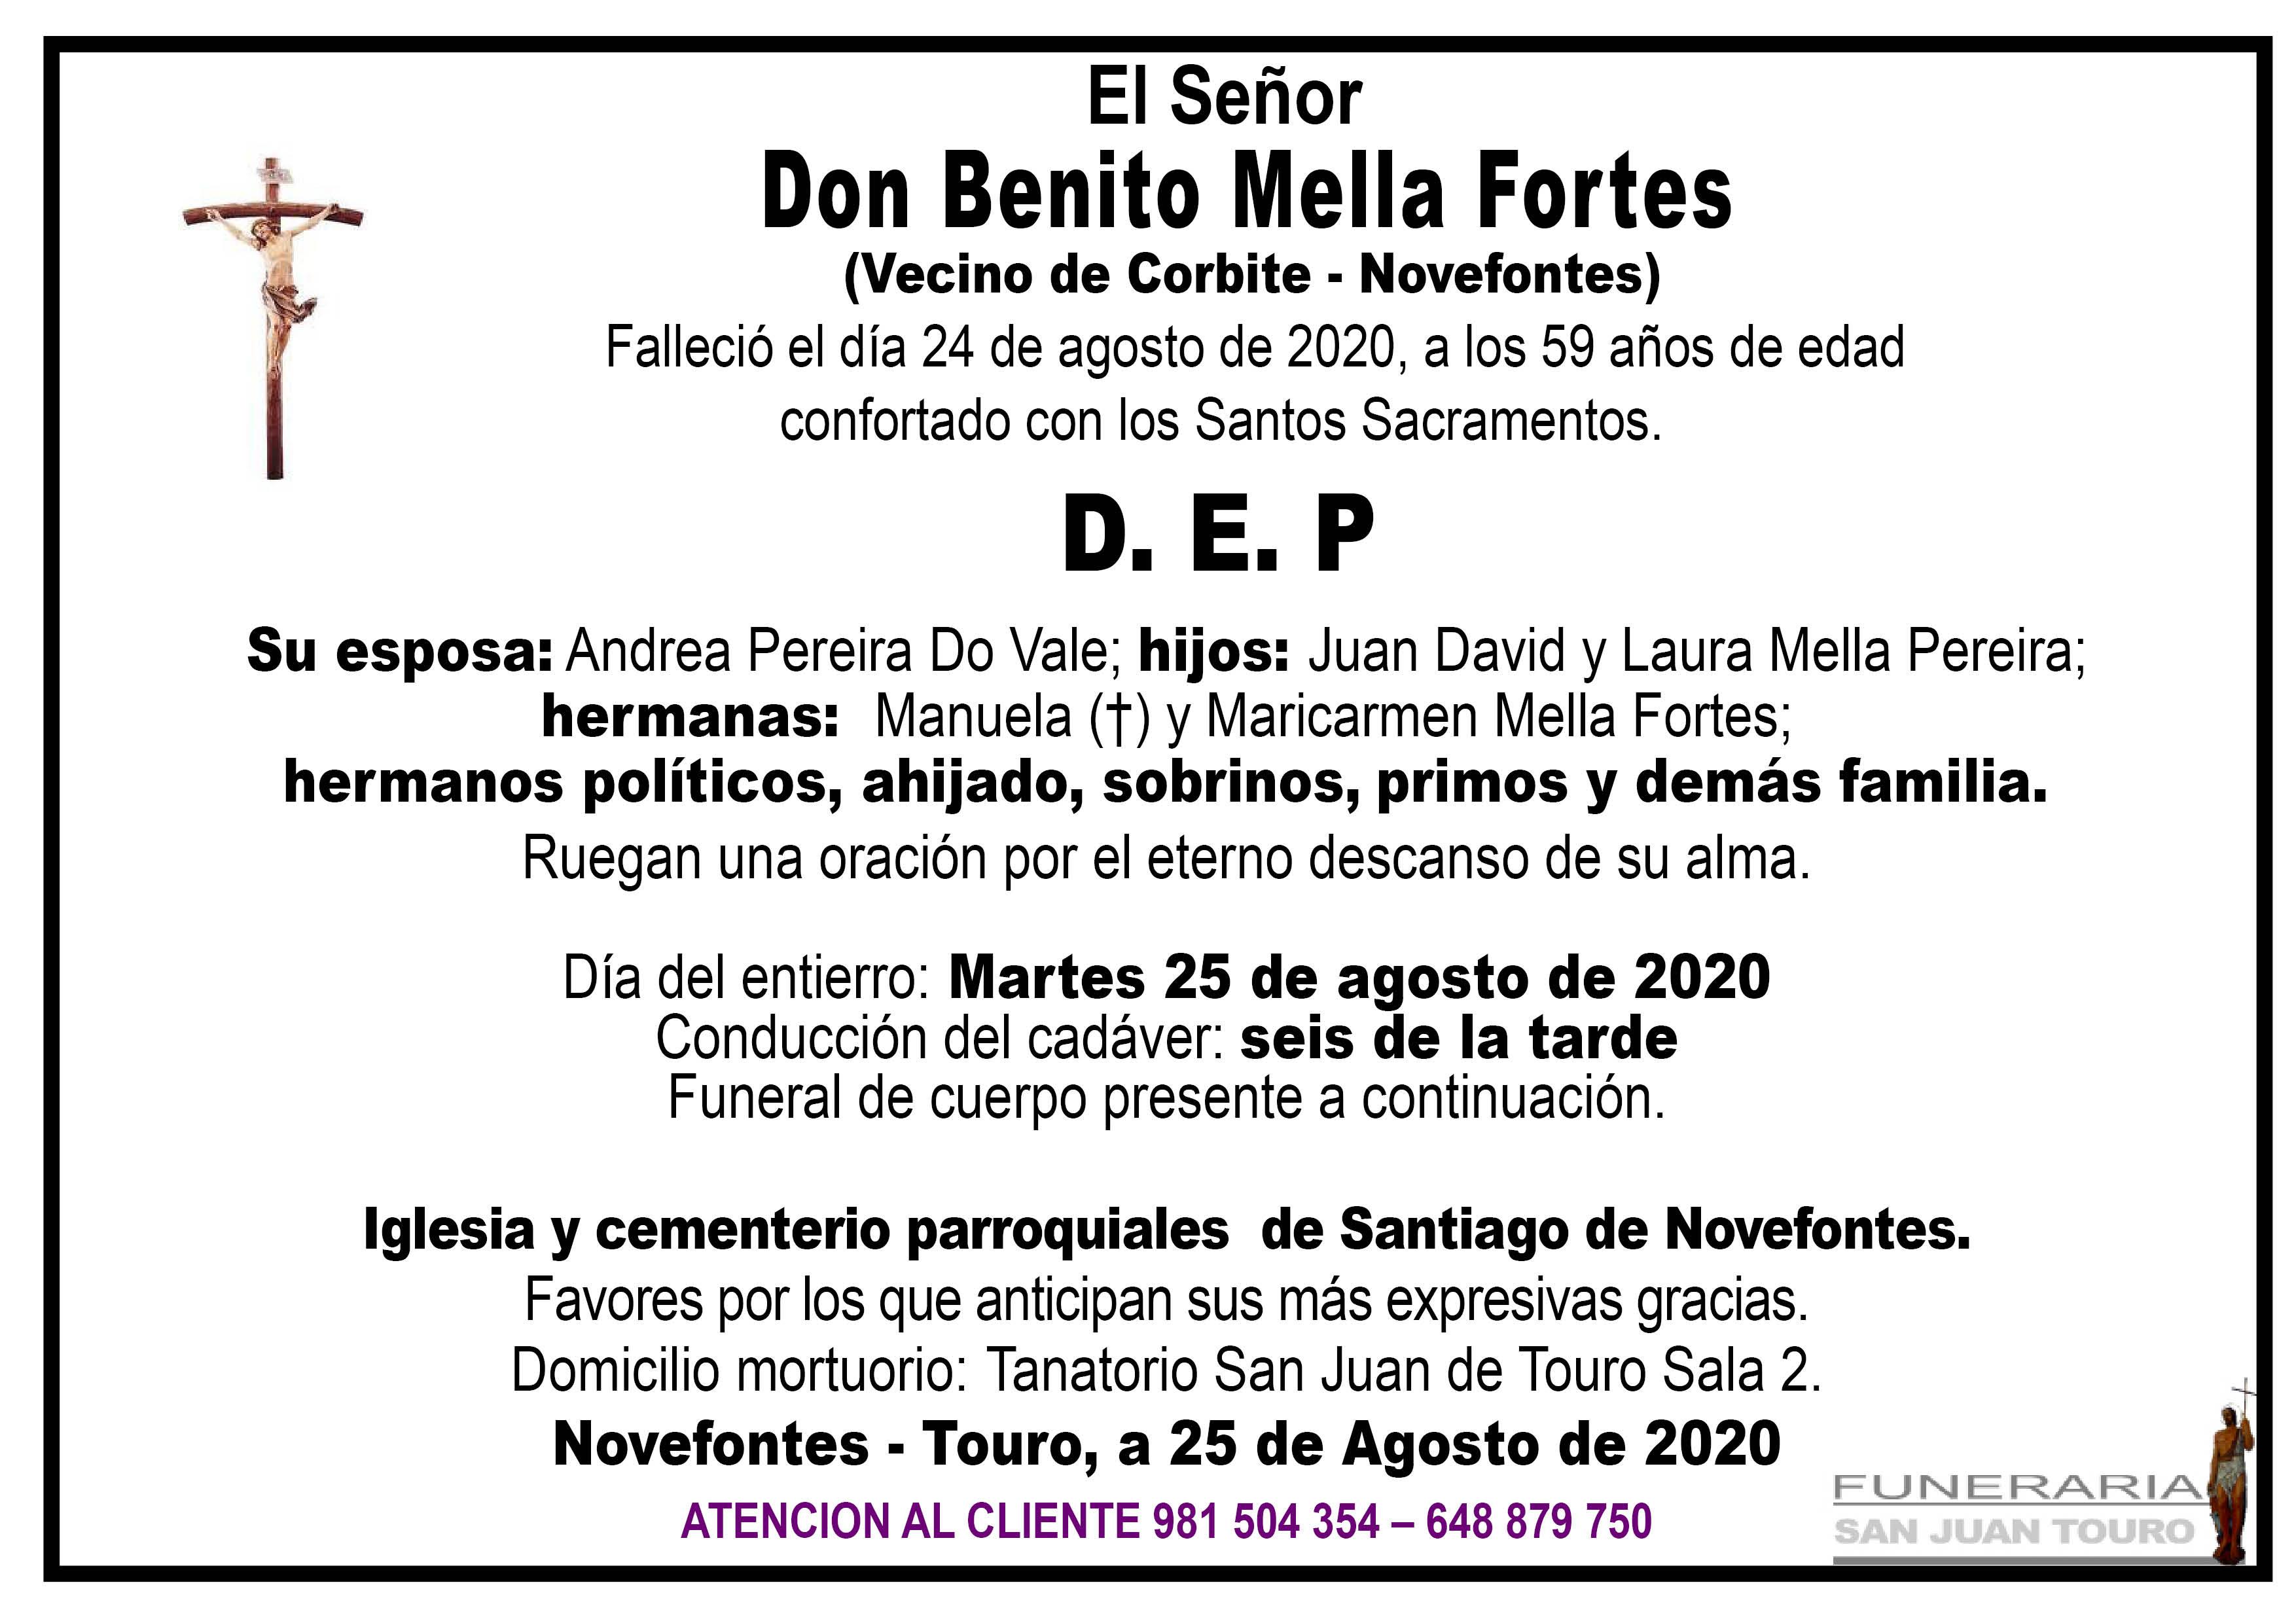 Esquela de SEPELIO DE DON BENITO MELLA FORTES